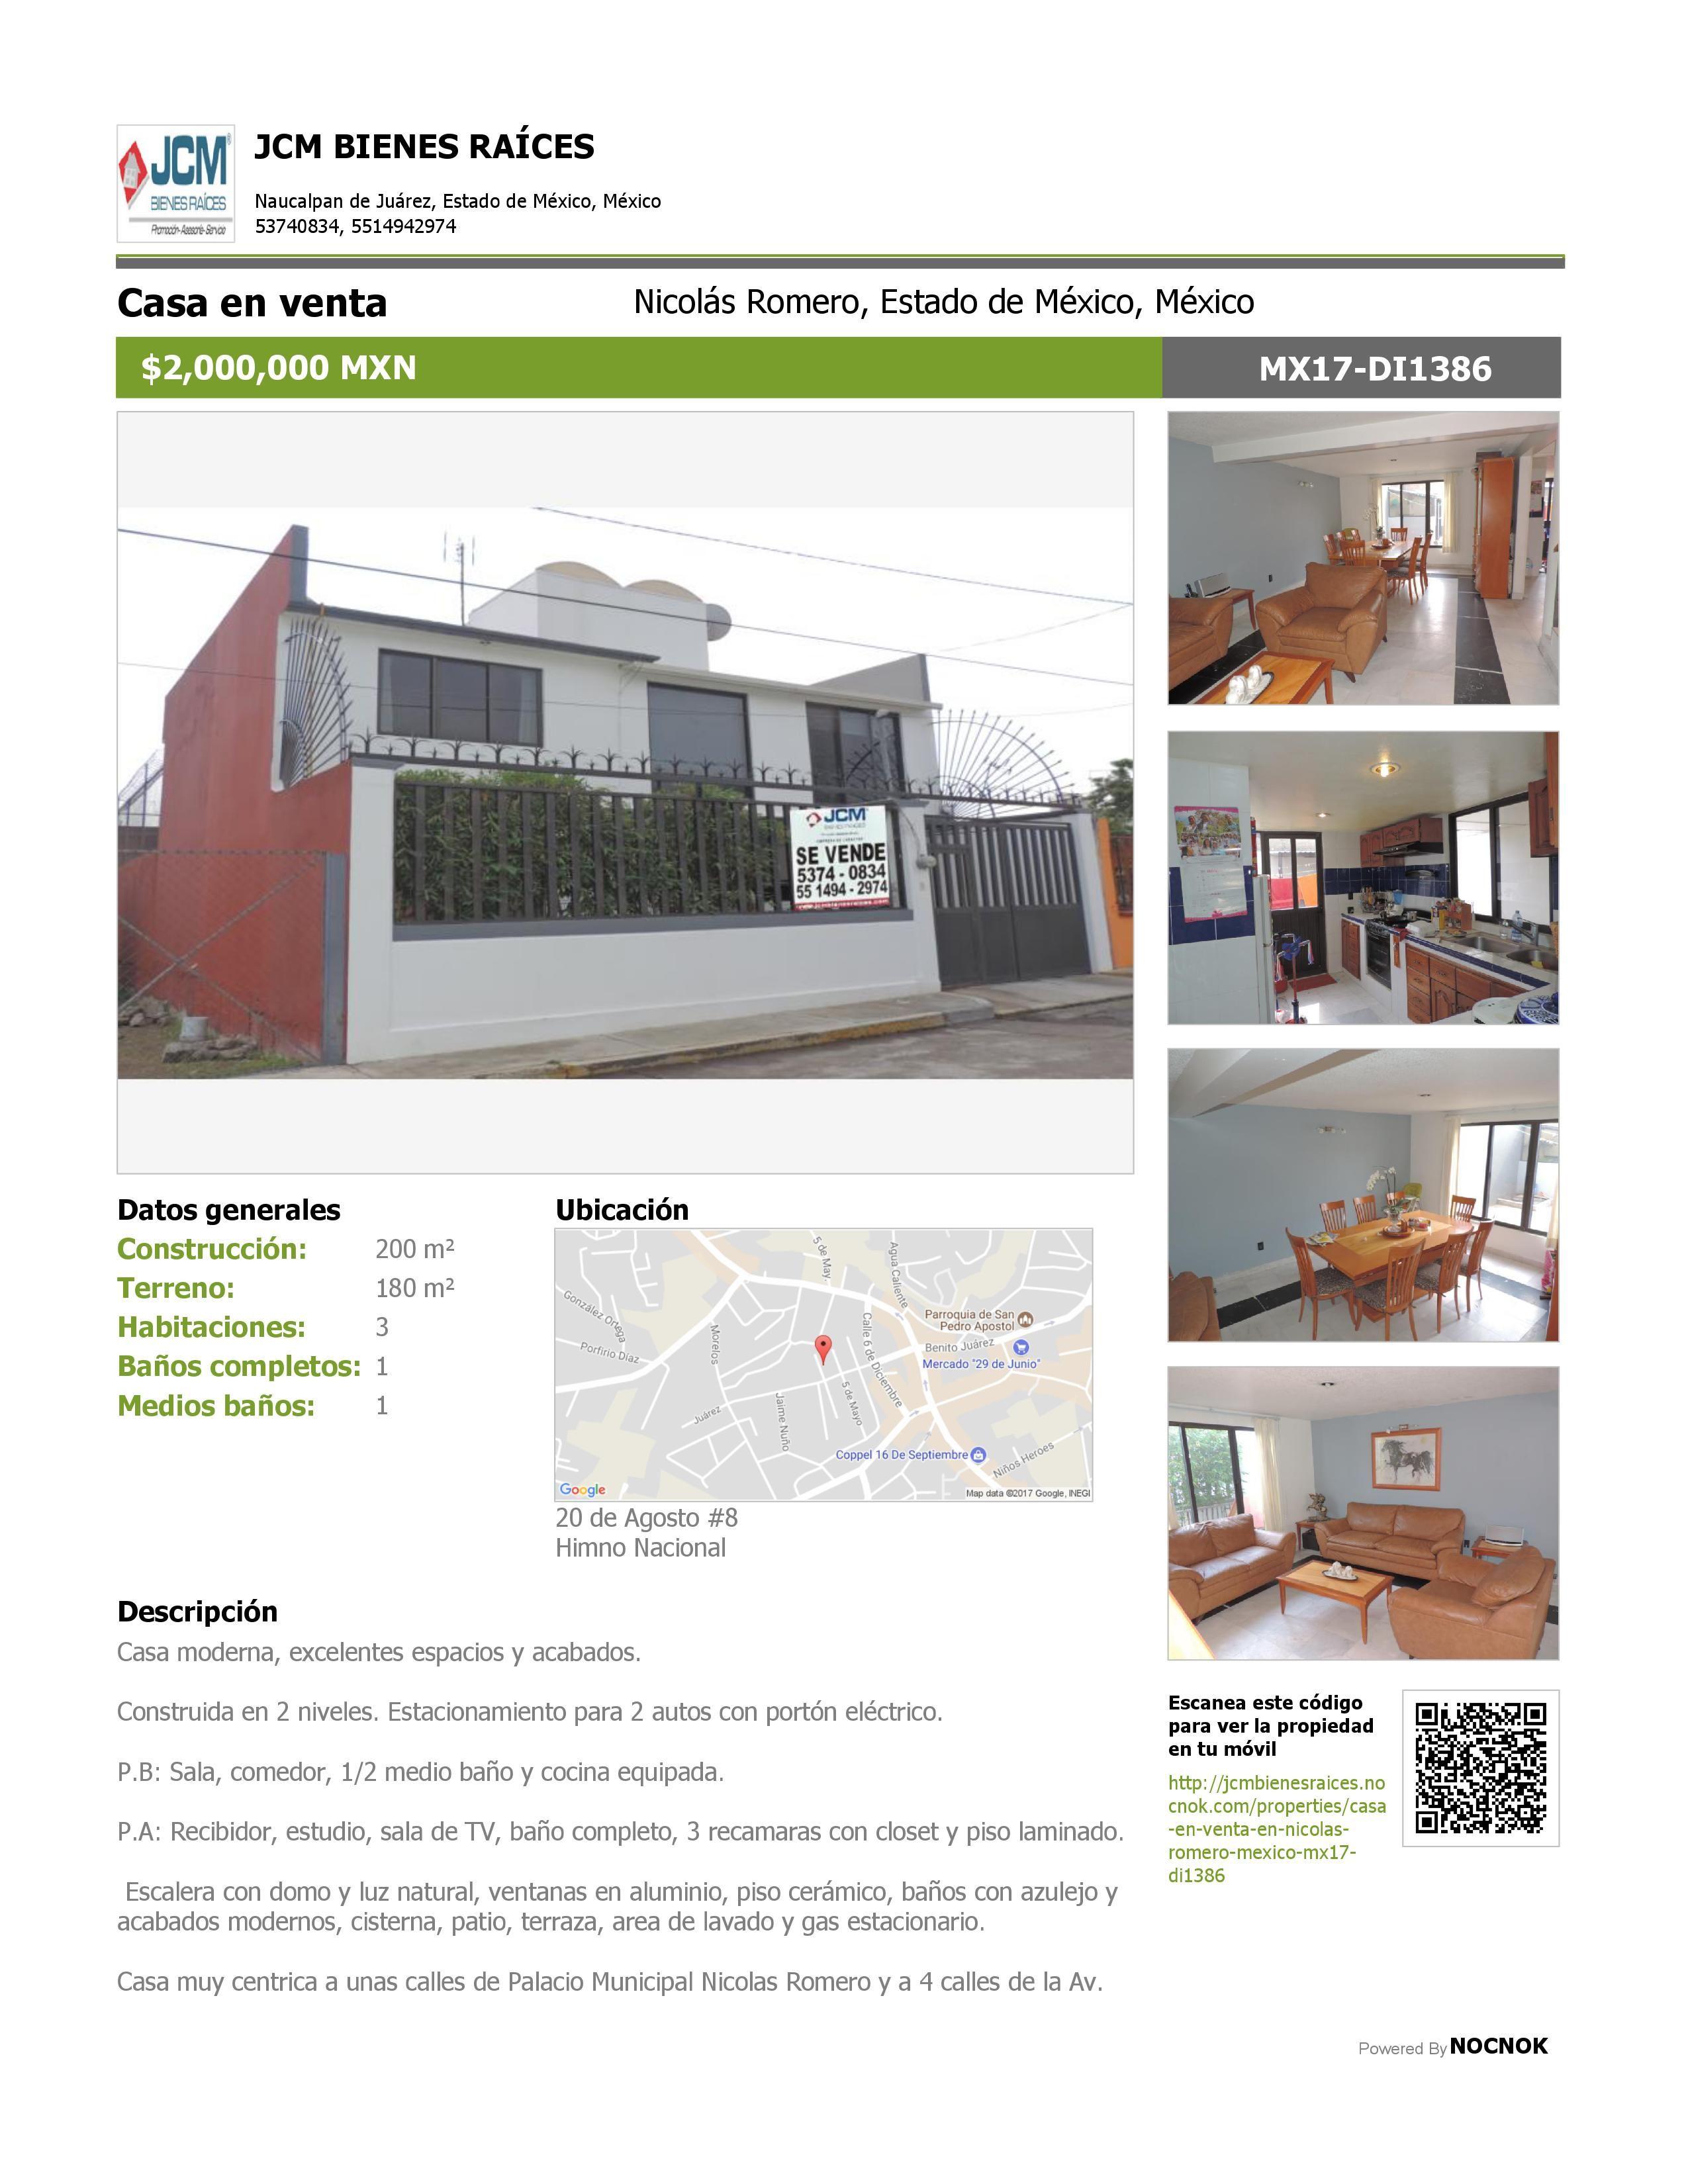 MX17DI1386 Casa en venta en Himno Nacional, Nicolas